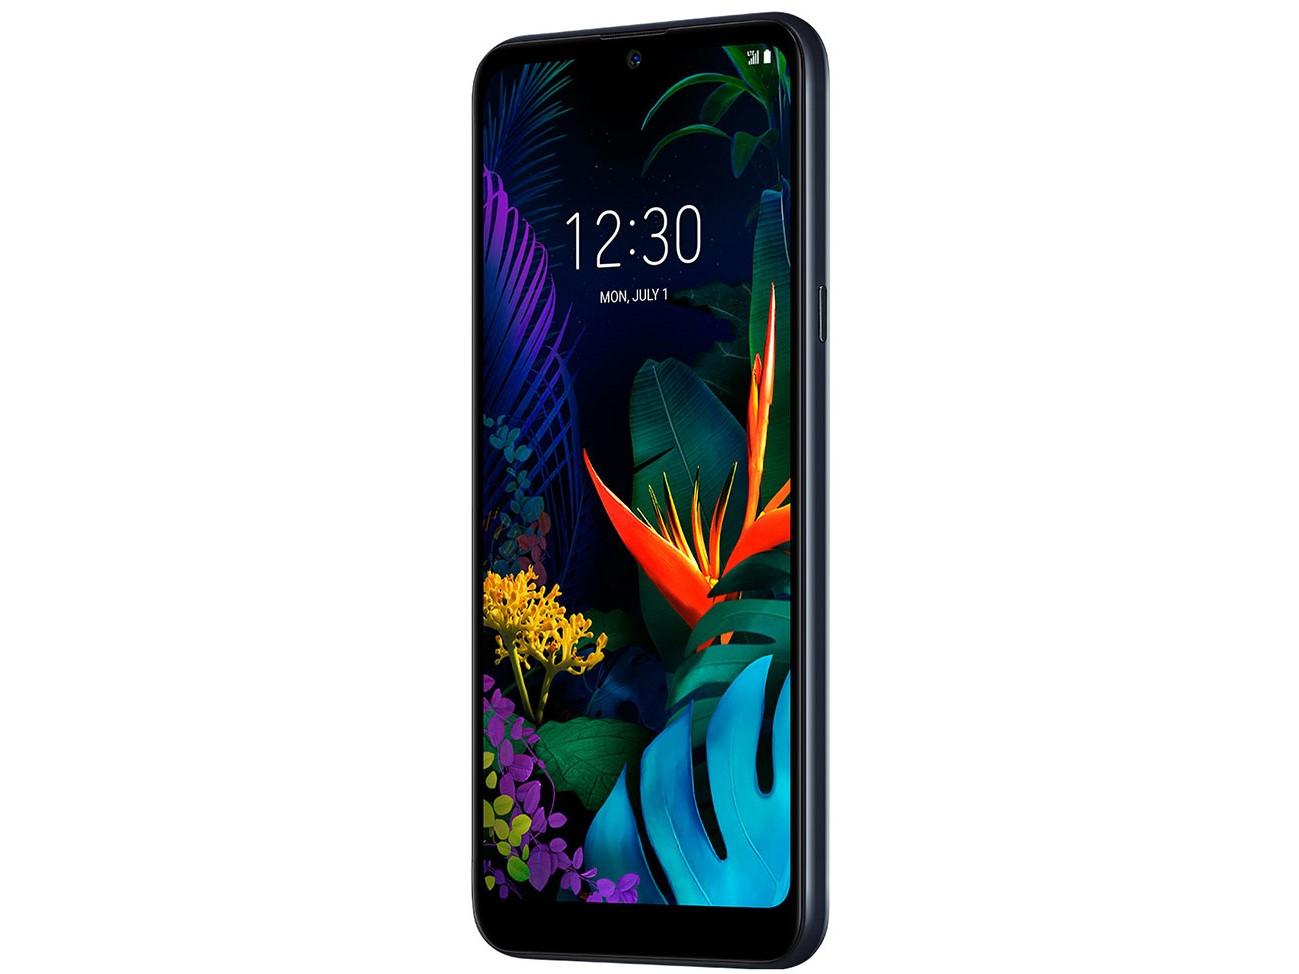 Review Del Smartphone Lg K50 Un Teléfono Barato Y De Gran